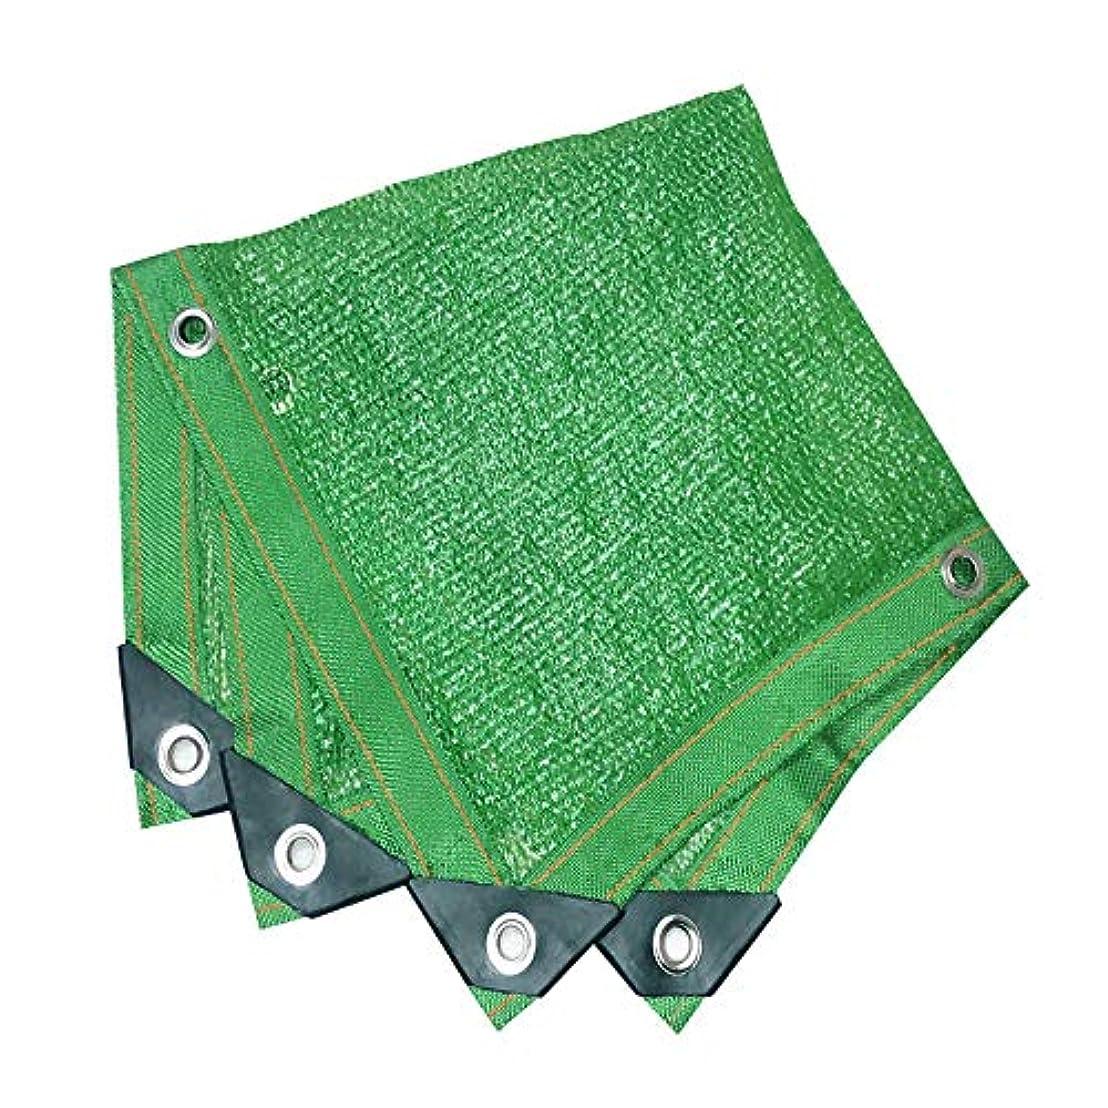 強要読み書きのできない有害屋外オックスフォードシェードネット シェードネット、日除け、日焼け止めメッシュ、キャノピーテント生地タープセイル、UV耐性保護に適してプライバシー、複数のサイズ、緑 (Size : 10*10M)